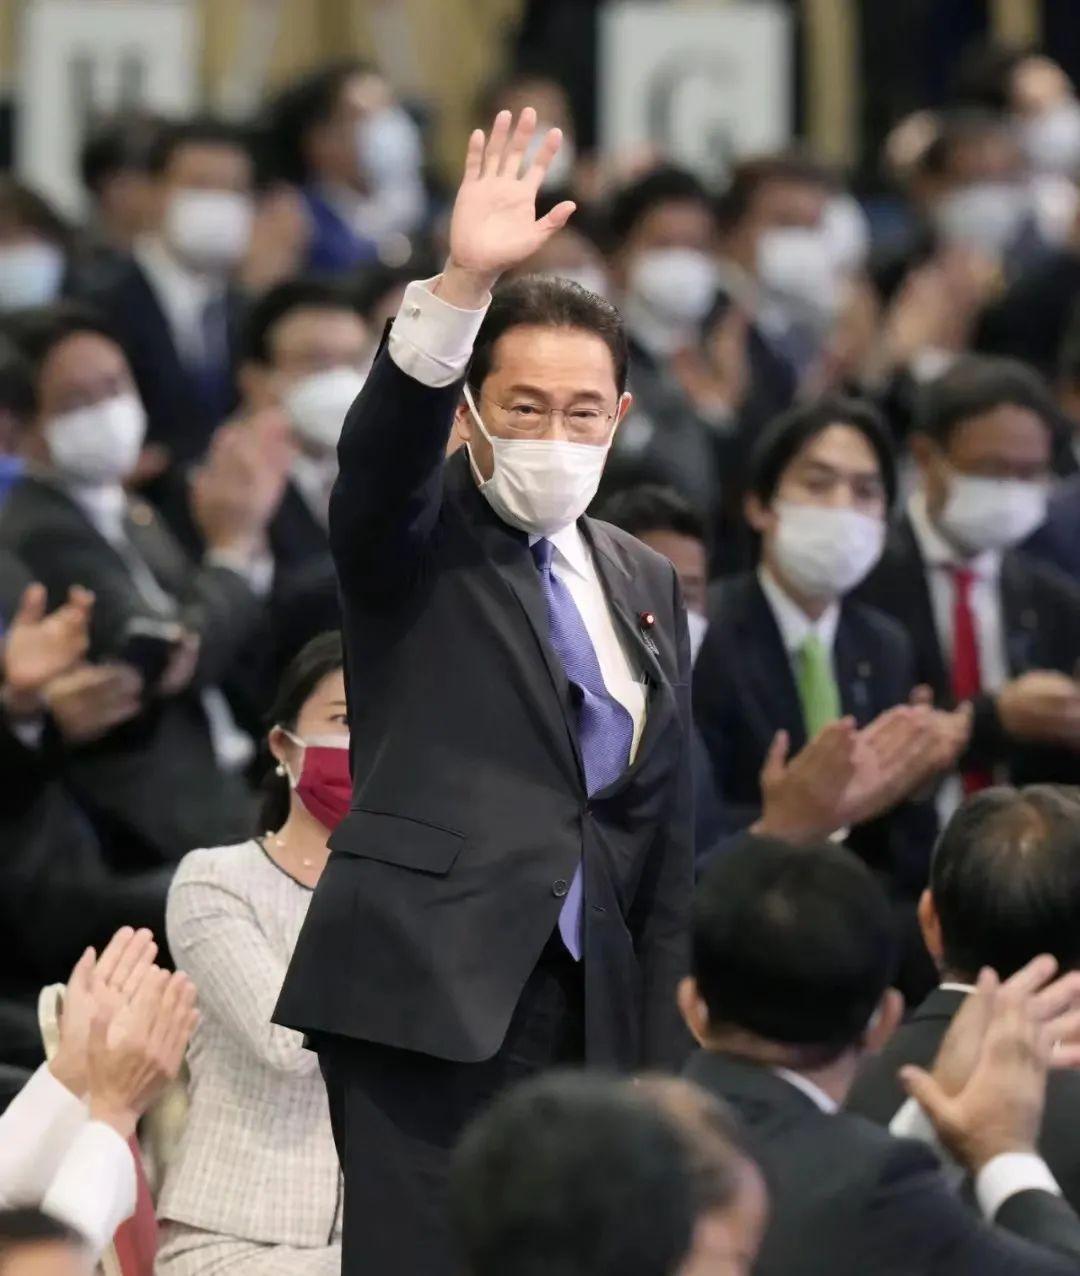 ▲当地时间2021年9月29日,日本东京,岸田文雄当选日本自民党总裁,将任第100任首相。图/IC photo